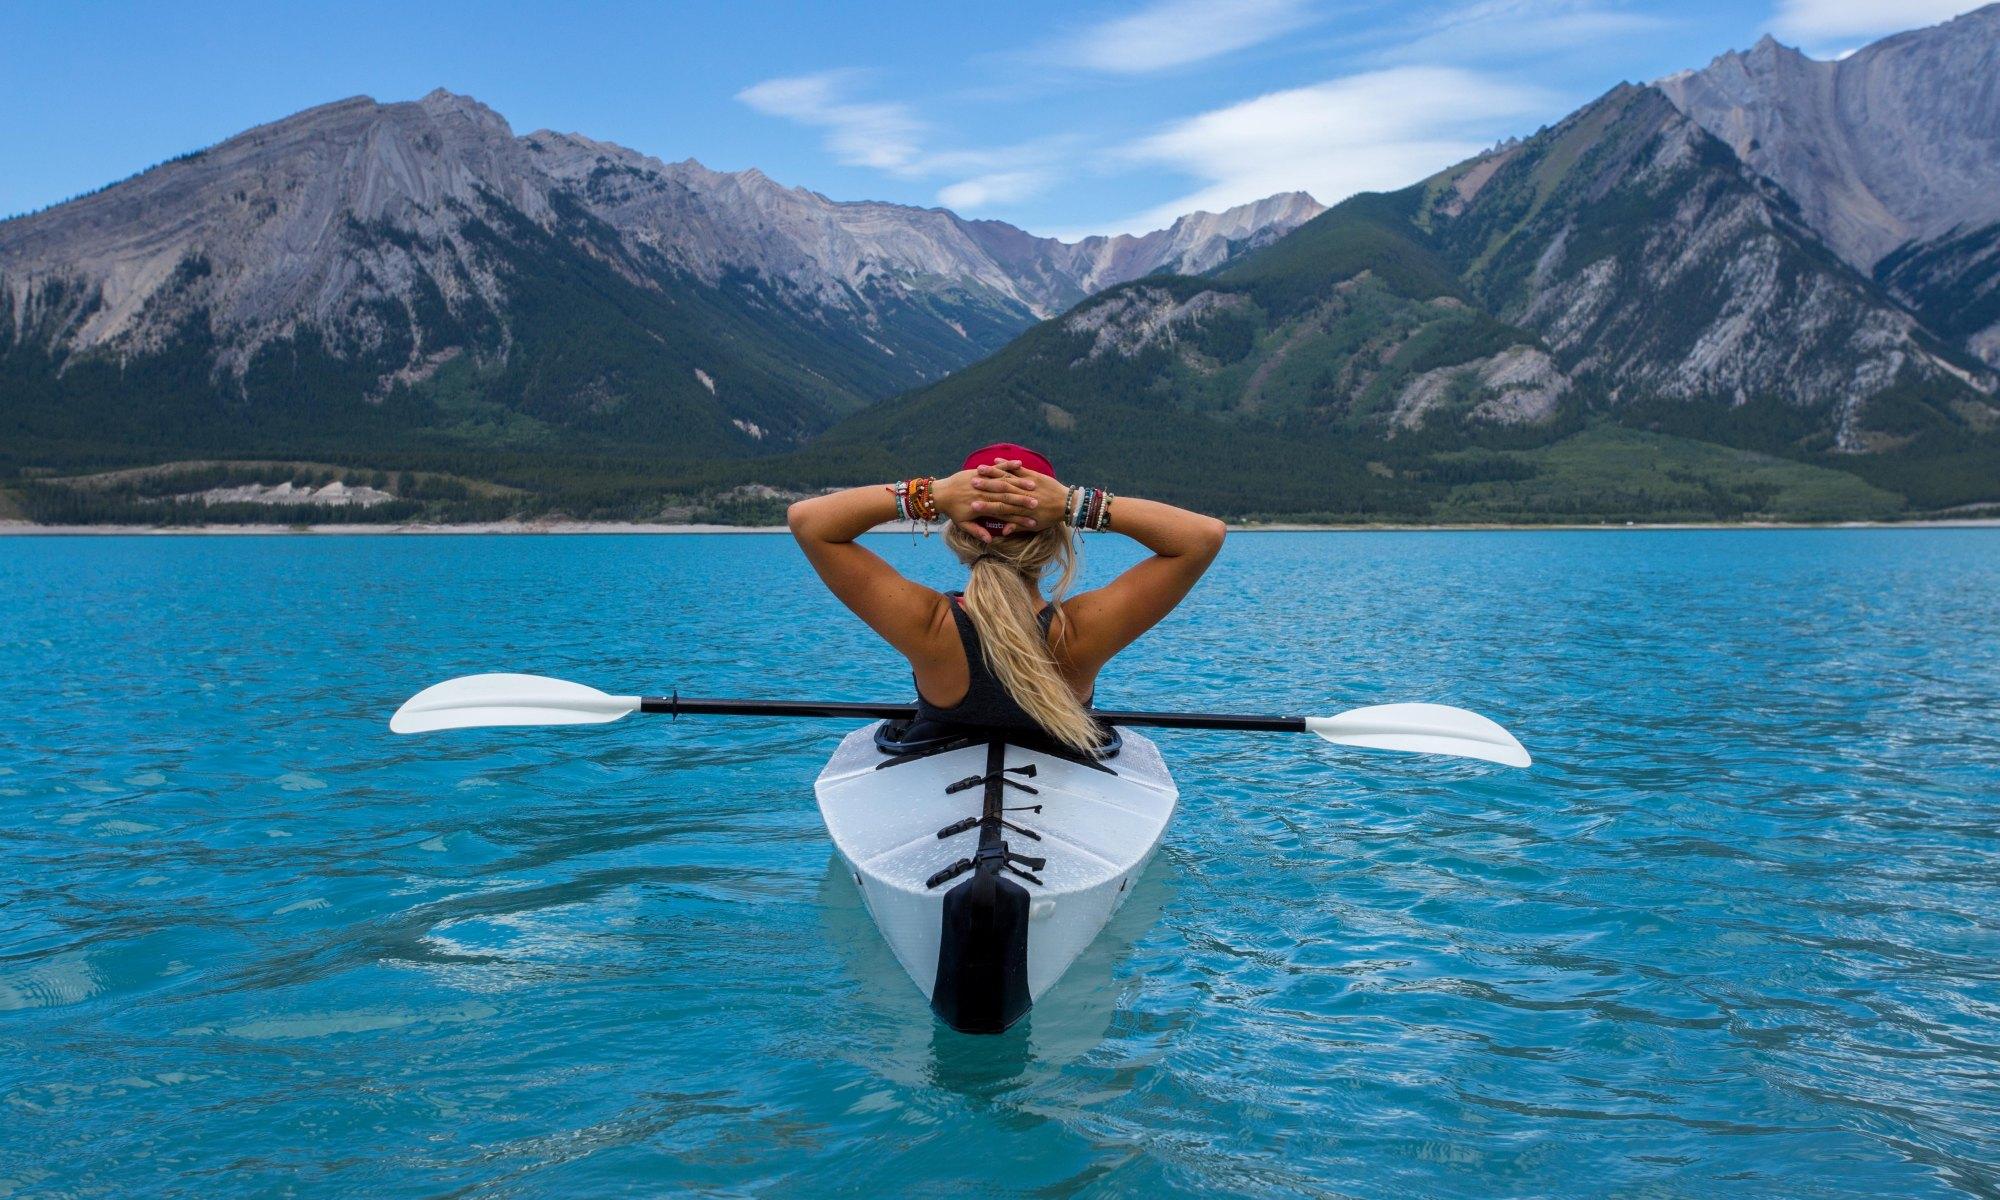 Blonde white woman enjoying solitude riding kayak in blue water